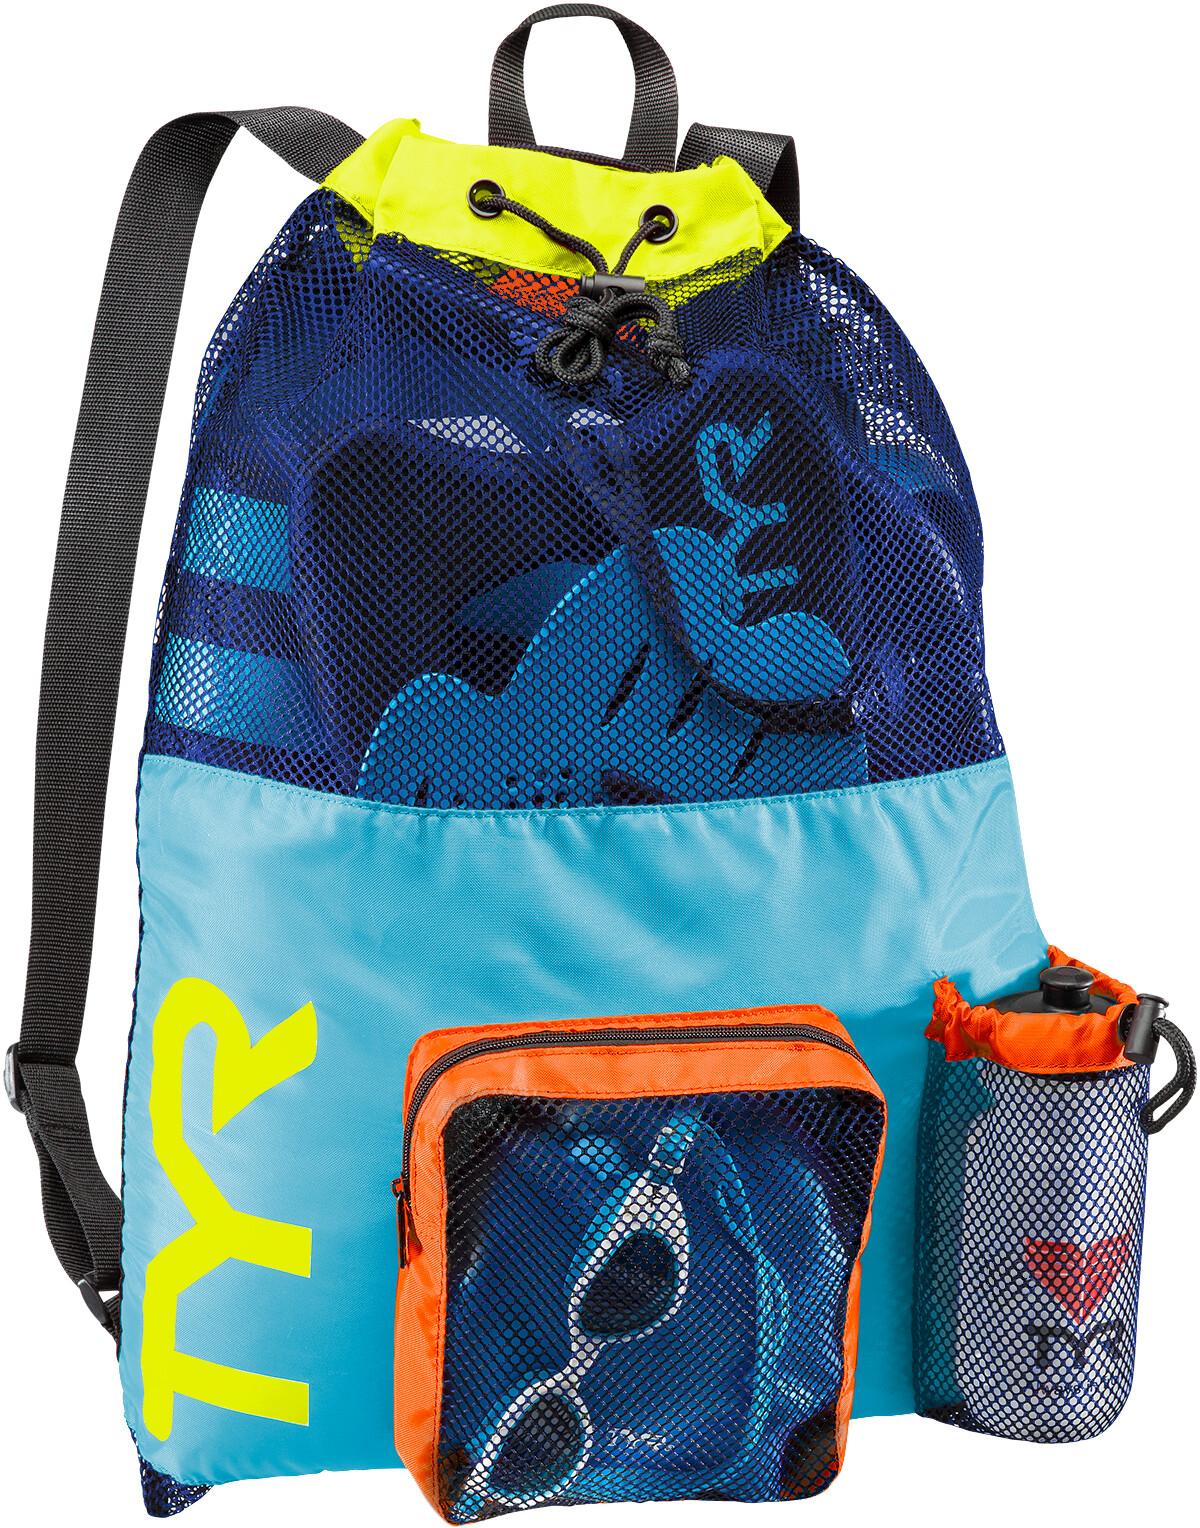 TYR Big Mesh Mummy Simryggsäck gul blå - till fenomenalt pris på ... f6ad91ee8ad2b